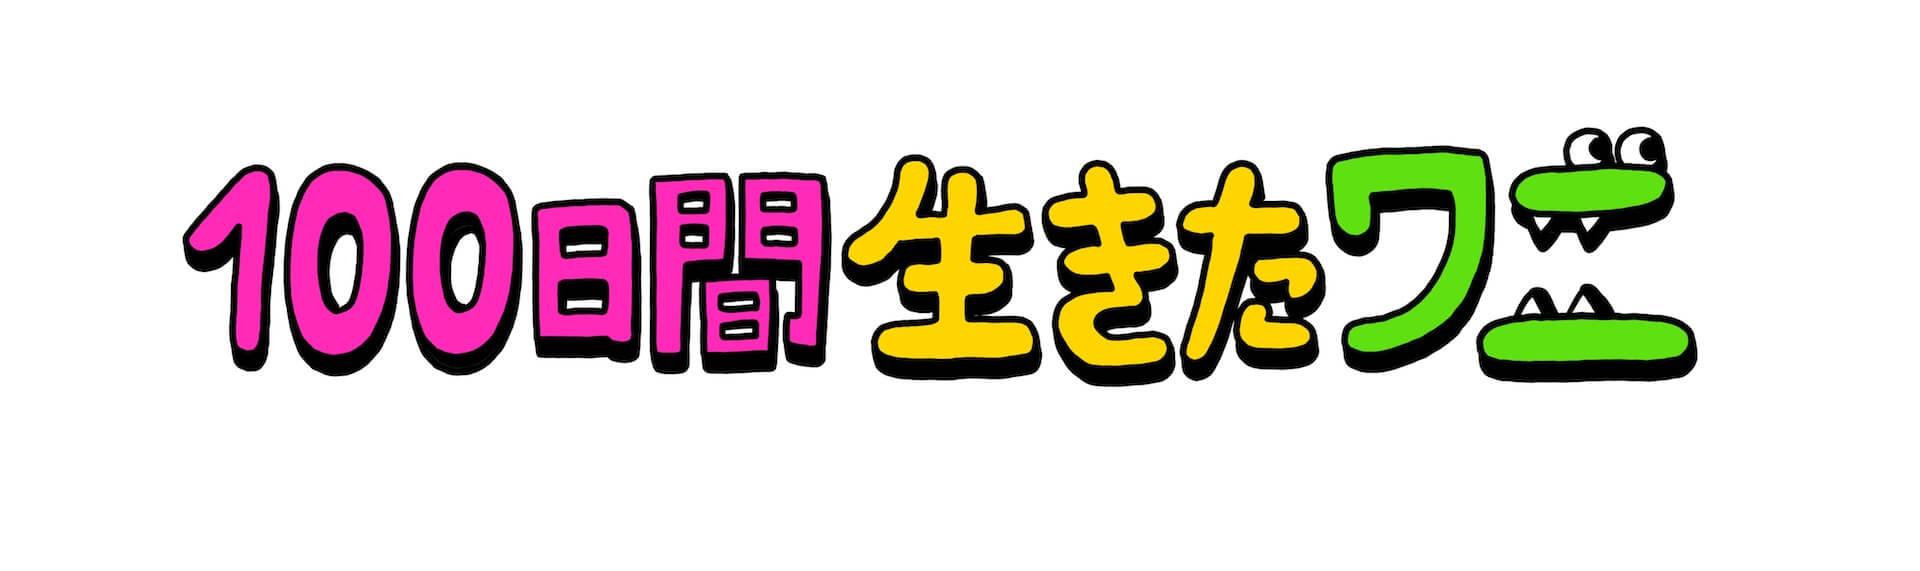 『100日後に死ぬワニ』が神木隆之介主演でアニメ映画化!中村倫也、木村昴、新木優子ら出演の『100日間生きたワニ』が公開決定 film210217_100wani_movie_8